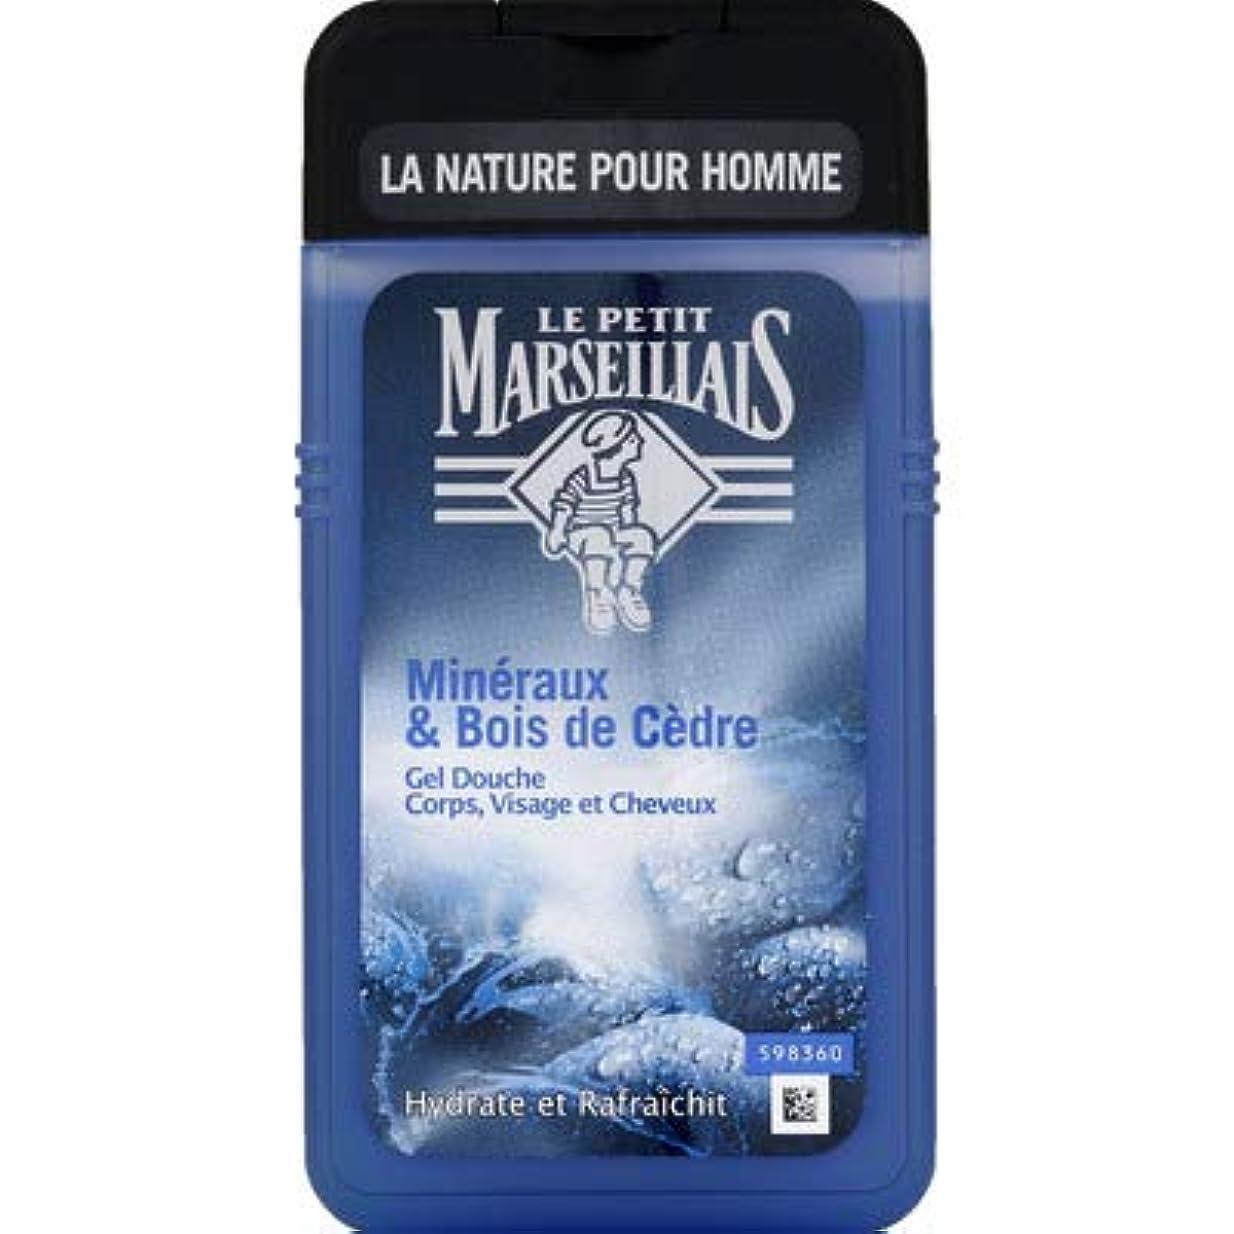 ファブリック腹モニカメンズ用 顔?髪?体 ボディウォッシュ「ミネラル」と「シダーウッド」シャワージェル フランスの「ル?プティ?マルセイユ (Le Petit Marseillais)」 250ml